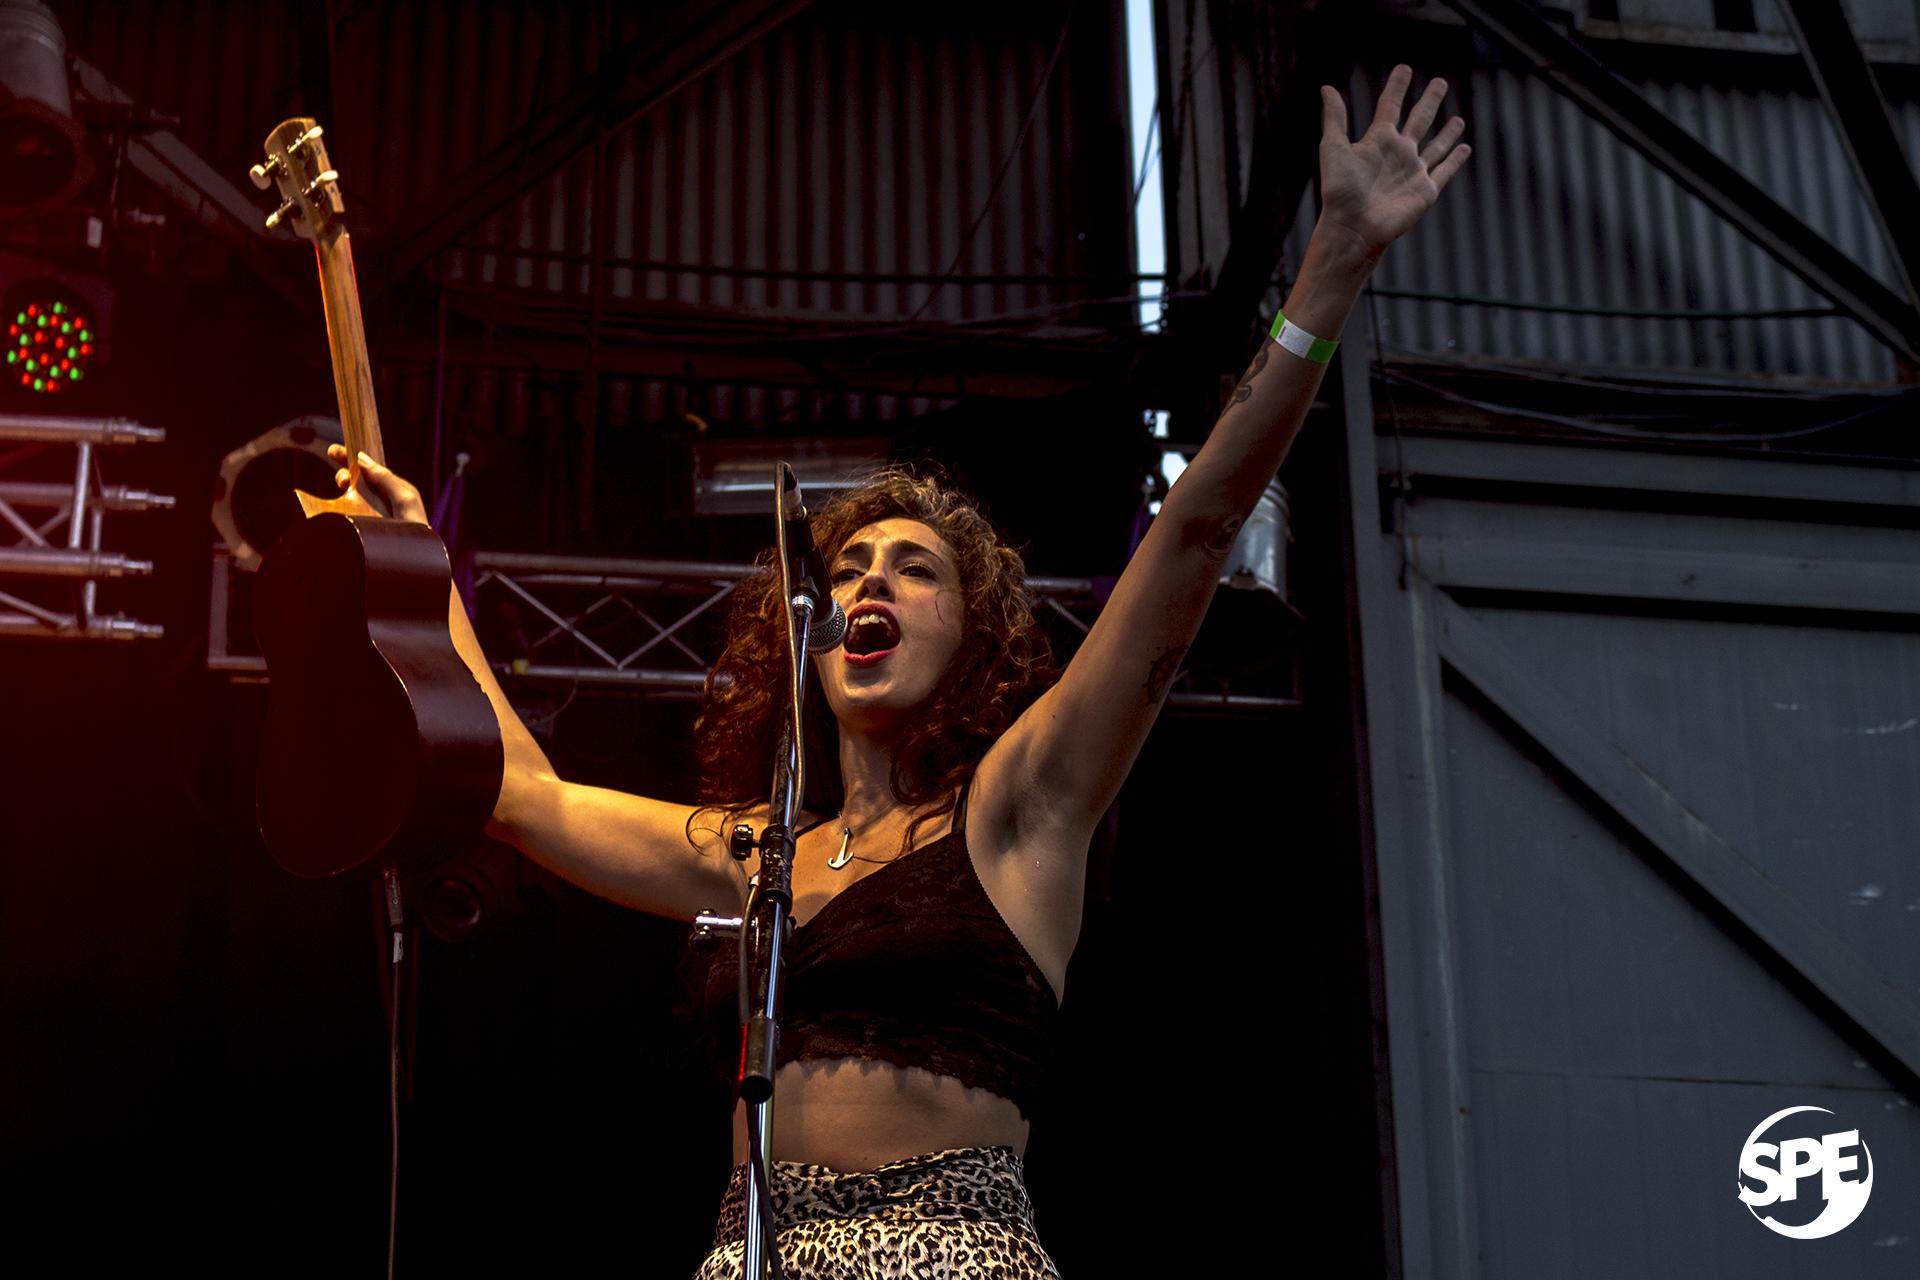 Las-Taradas-Festival-Buena-Vibra-Konex-15-04-18-Natalia-Vidal-Solo-Para-Entendidos_321.jpg